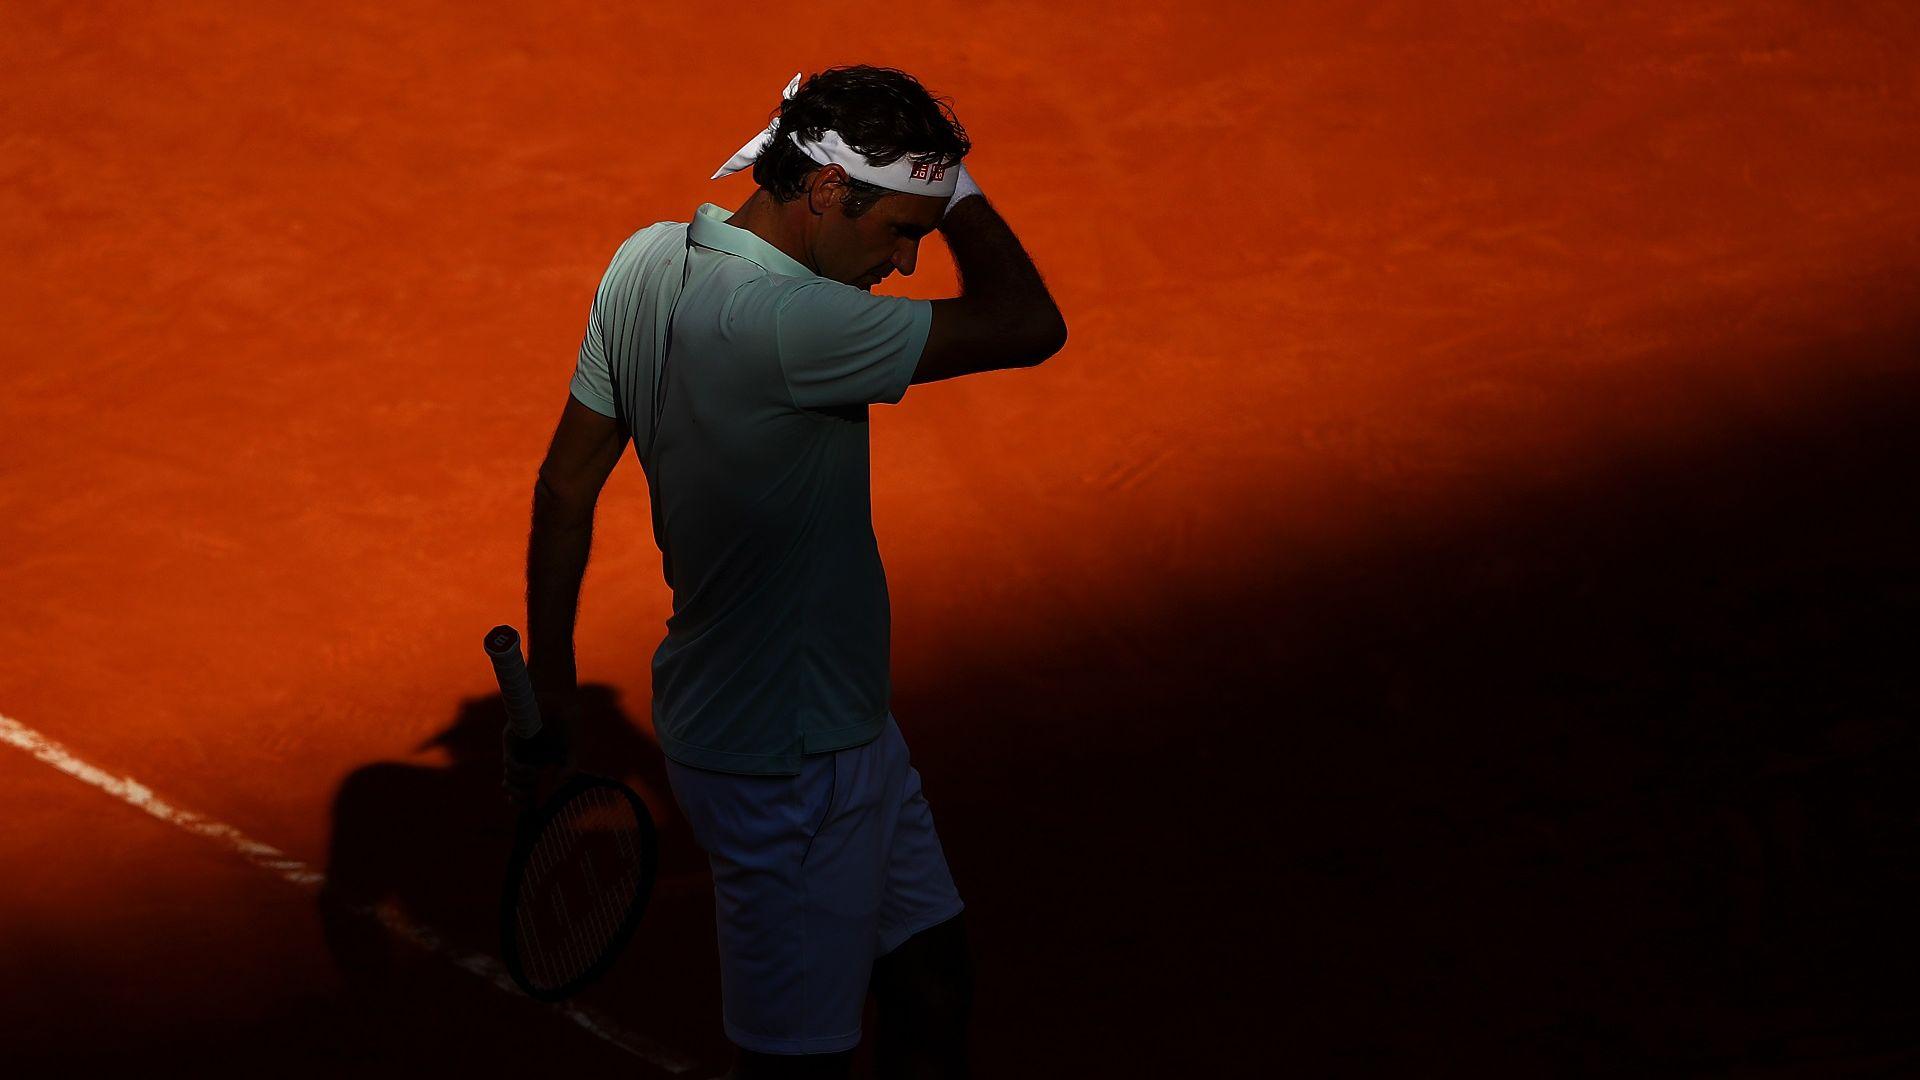 Роджър Федерер ще пропусне Мастърсите на клей